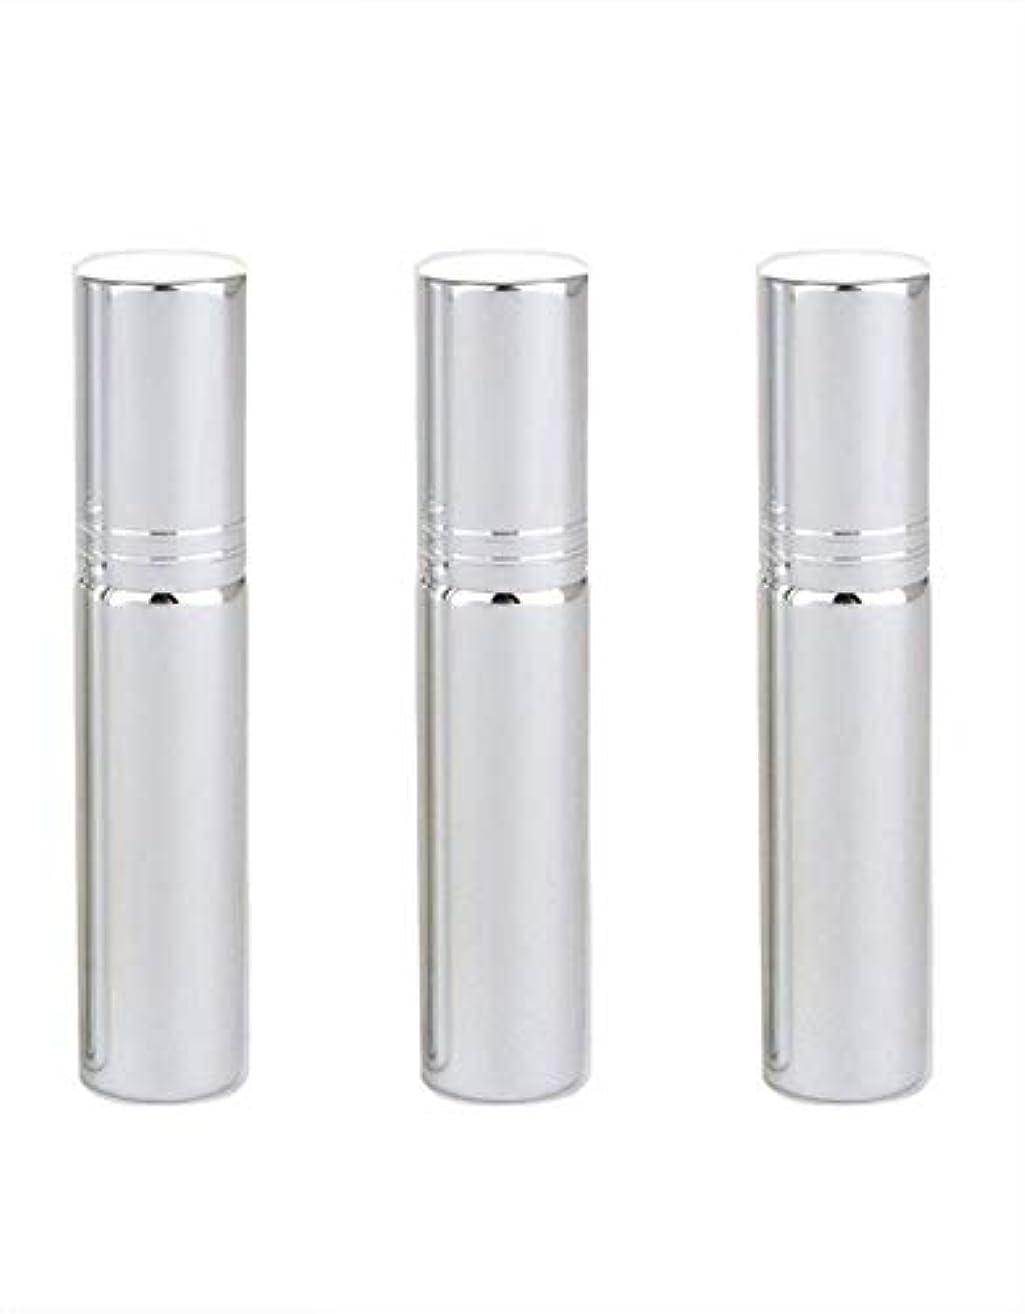 騒々しいパステル中級Flymylion アトマイザー グラスアトマイザー 香水ボトル スプレーボトル 詰め替え容器 旅行 漏れ防止 (銀メッキ)